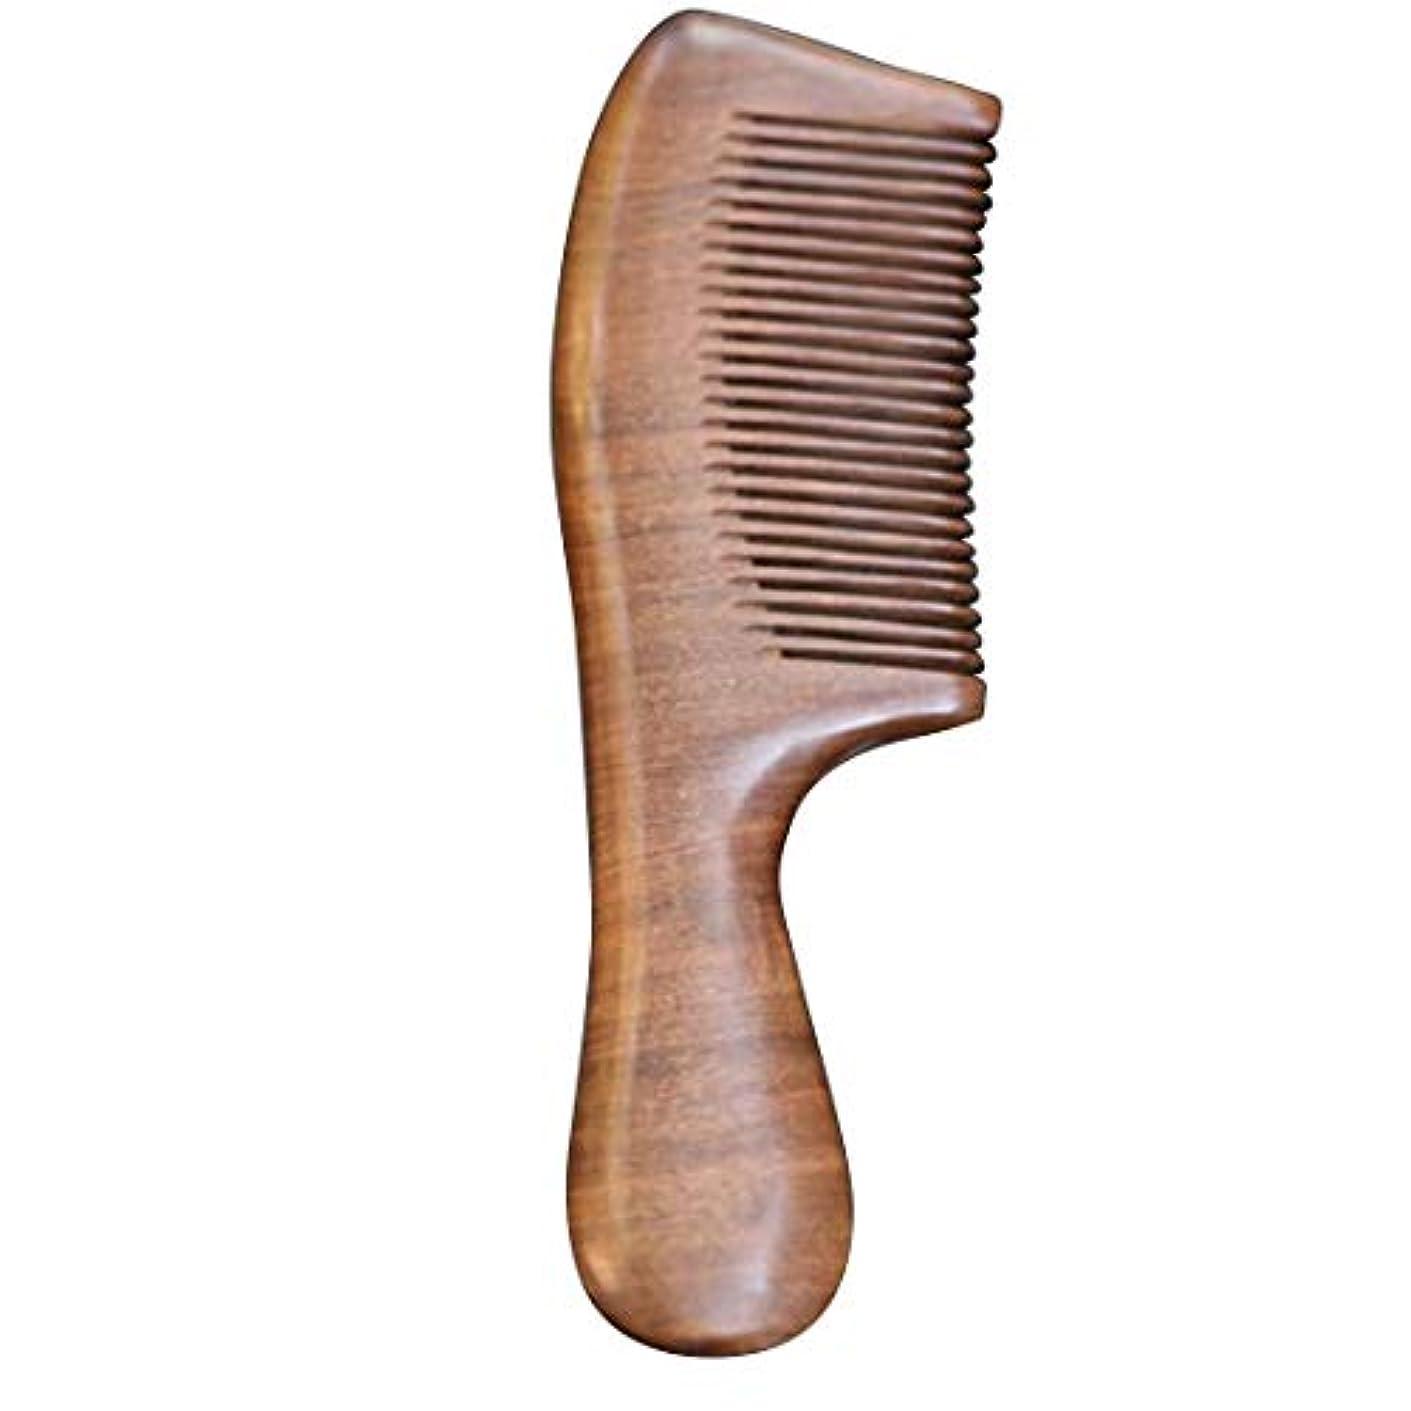 地上で文句を言う来て帯電防止の木及びギフト用の箱20cmが付いている頭髪のためのほつれた手作りのブラシ無し、ヘアーコームの家族 モデリングツール (色 : ゴールド)